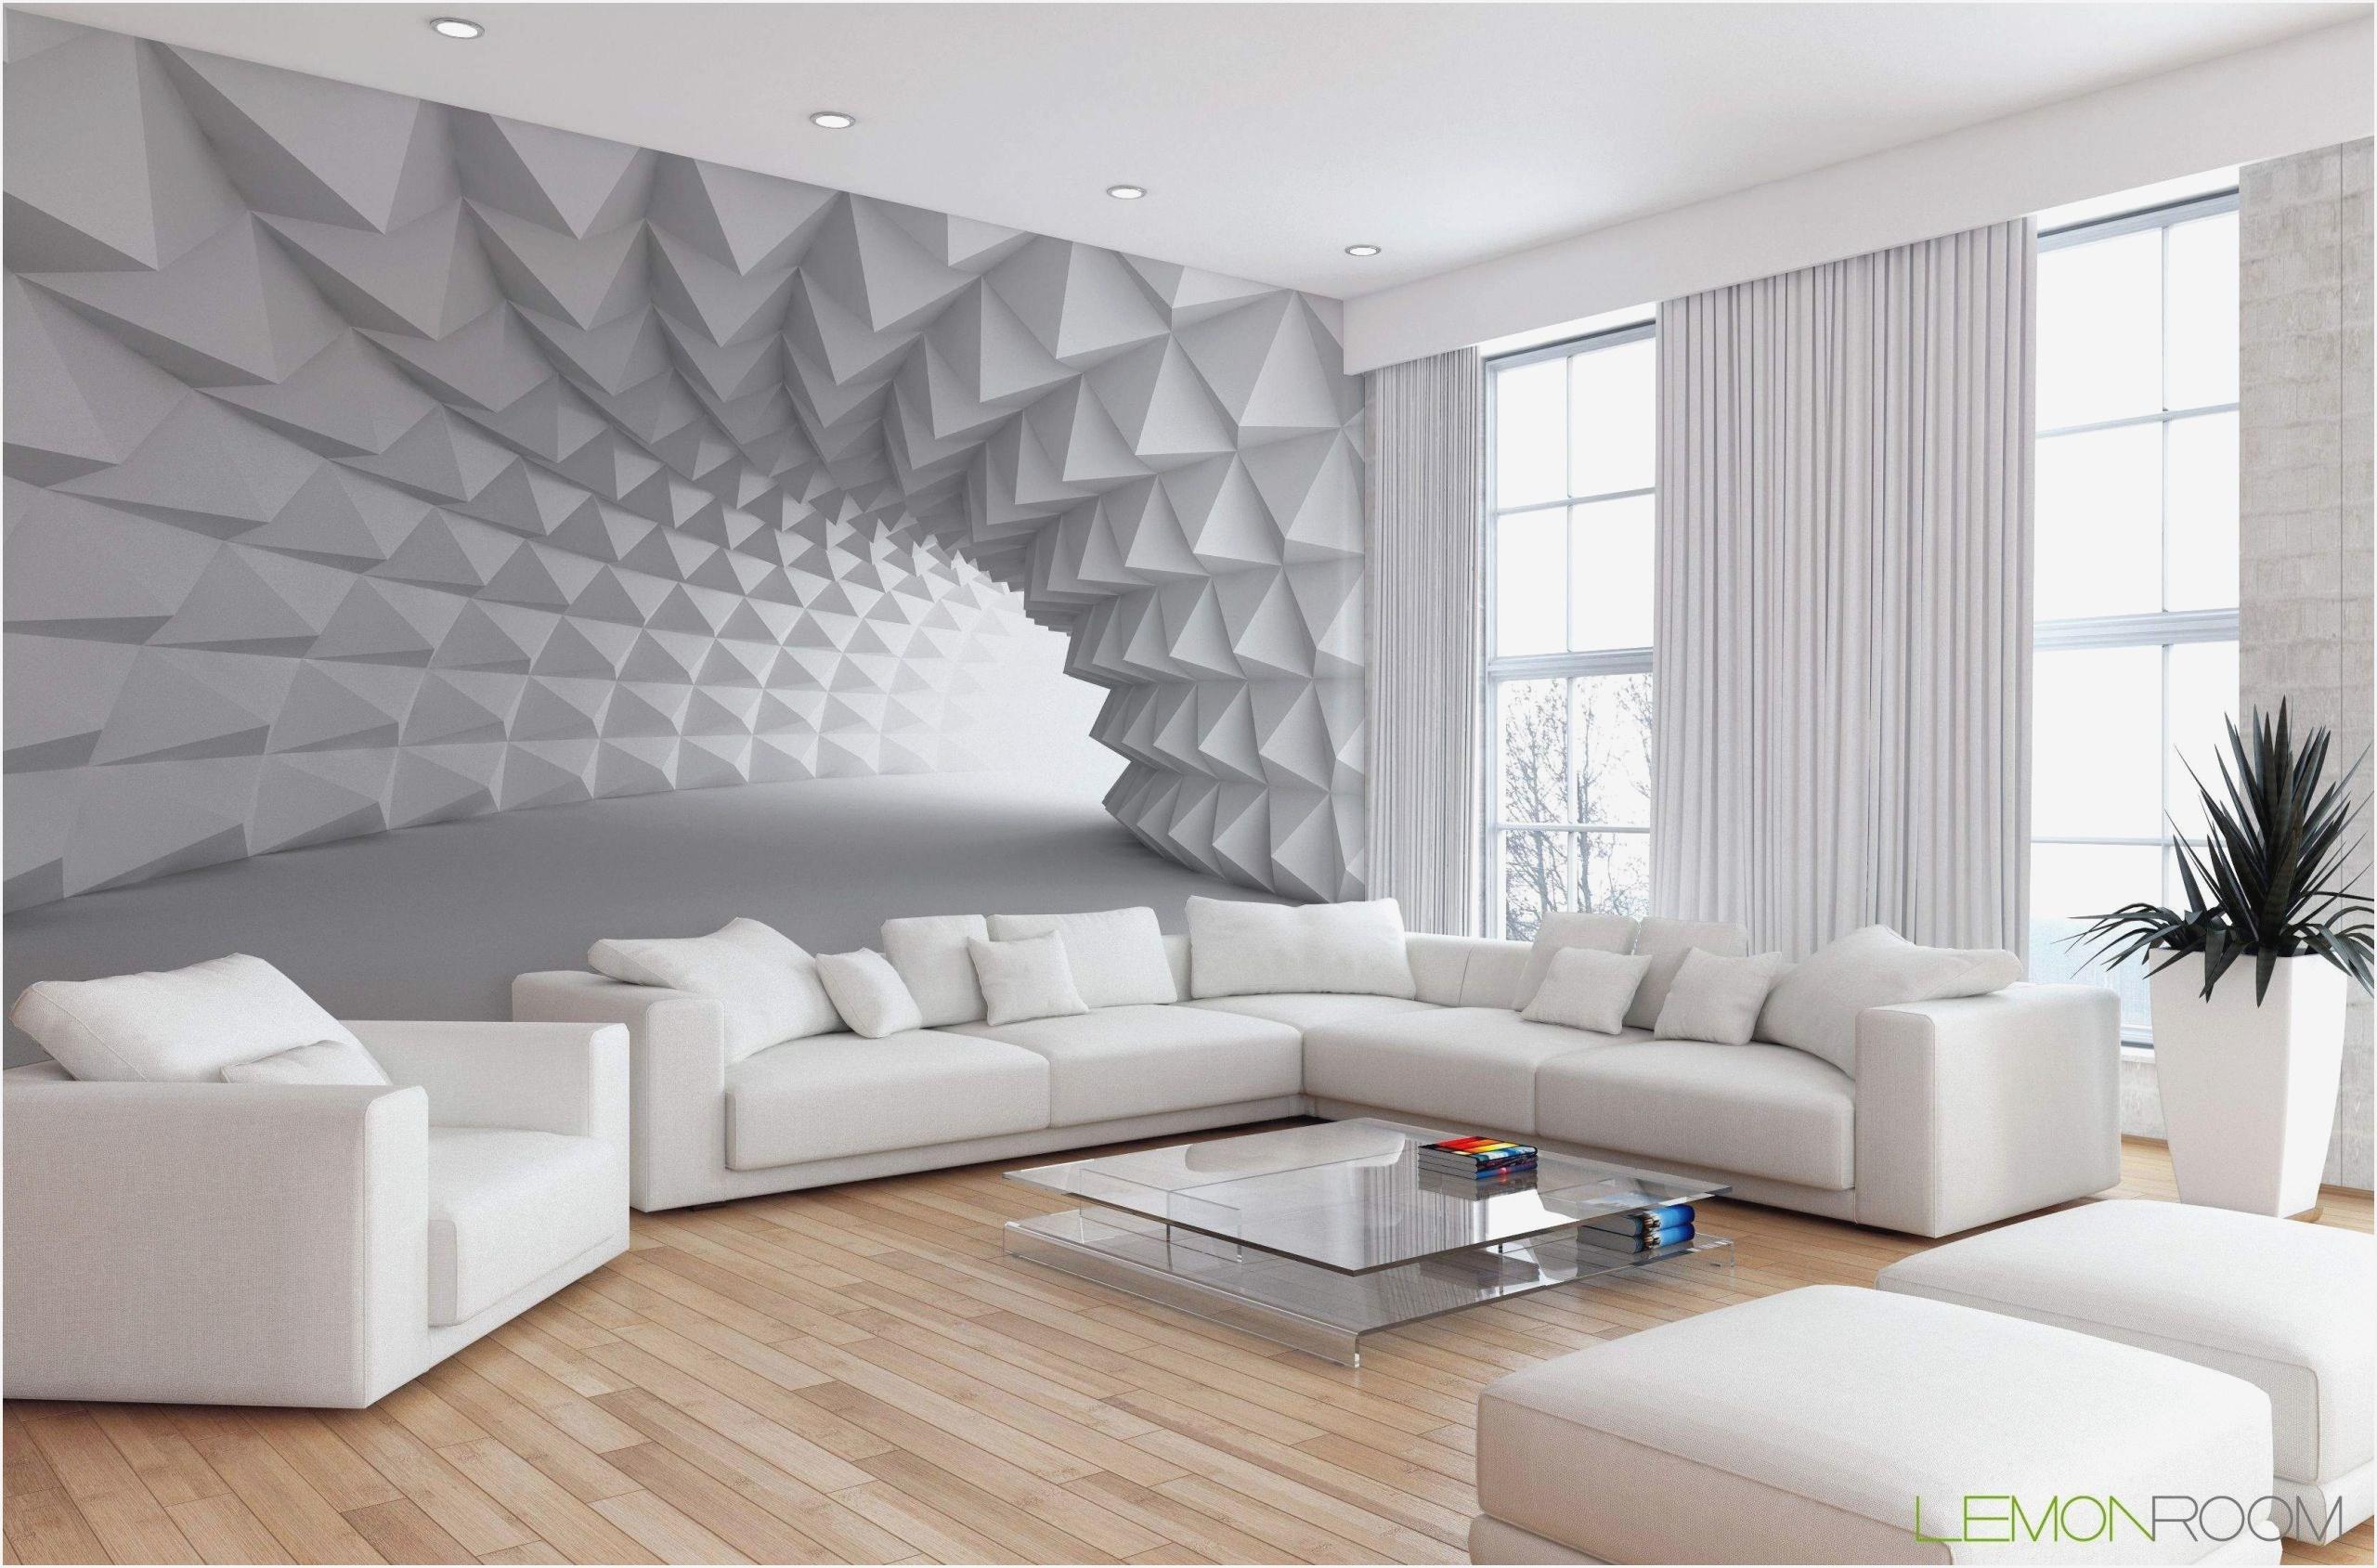 Full Size of Muster Tapeten Wohnzimmer 3d Wohnzimmer Fototapete Wohnzimmer